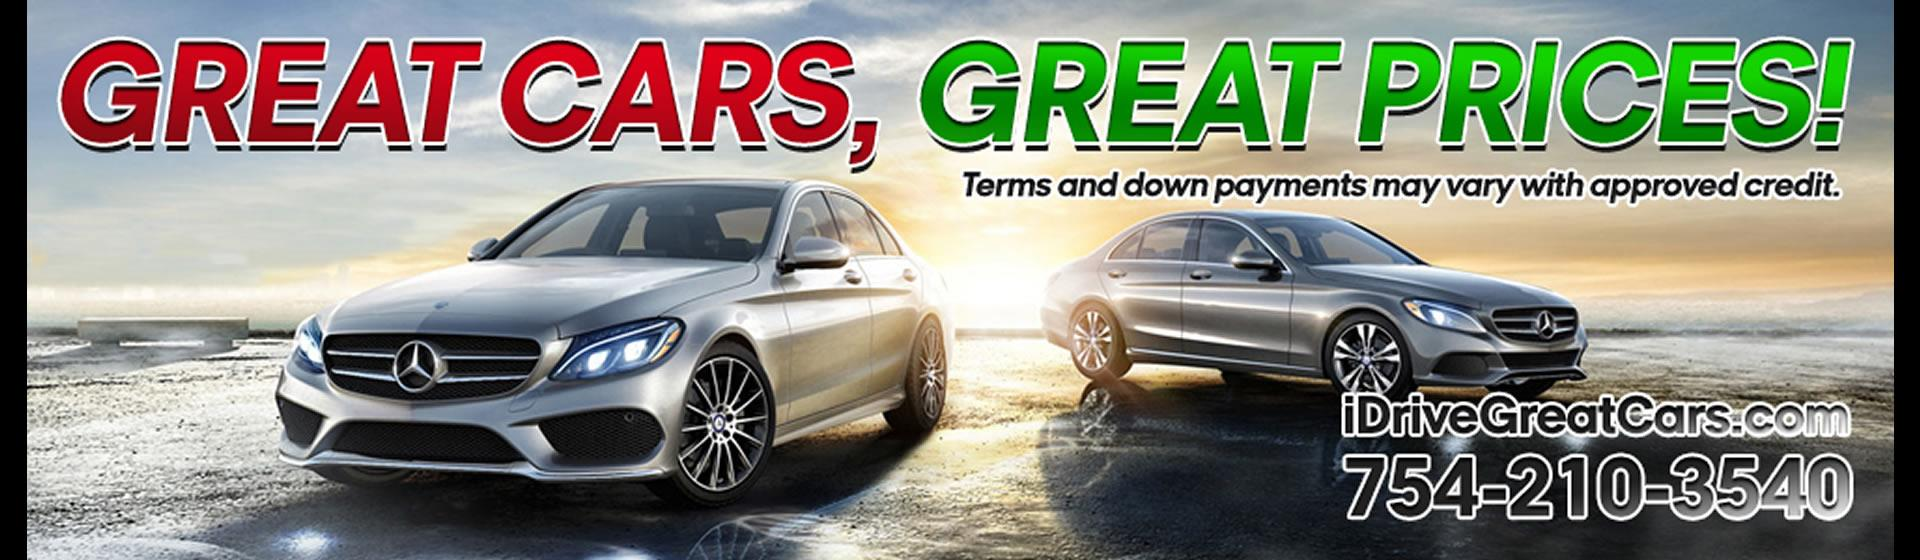 used cars miami gardens fl used cars u0026 trucks fl idrive